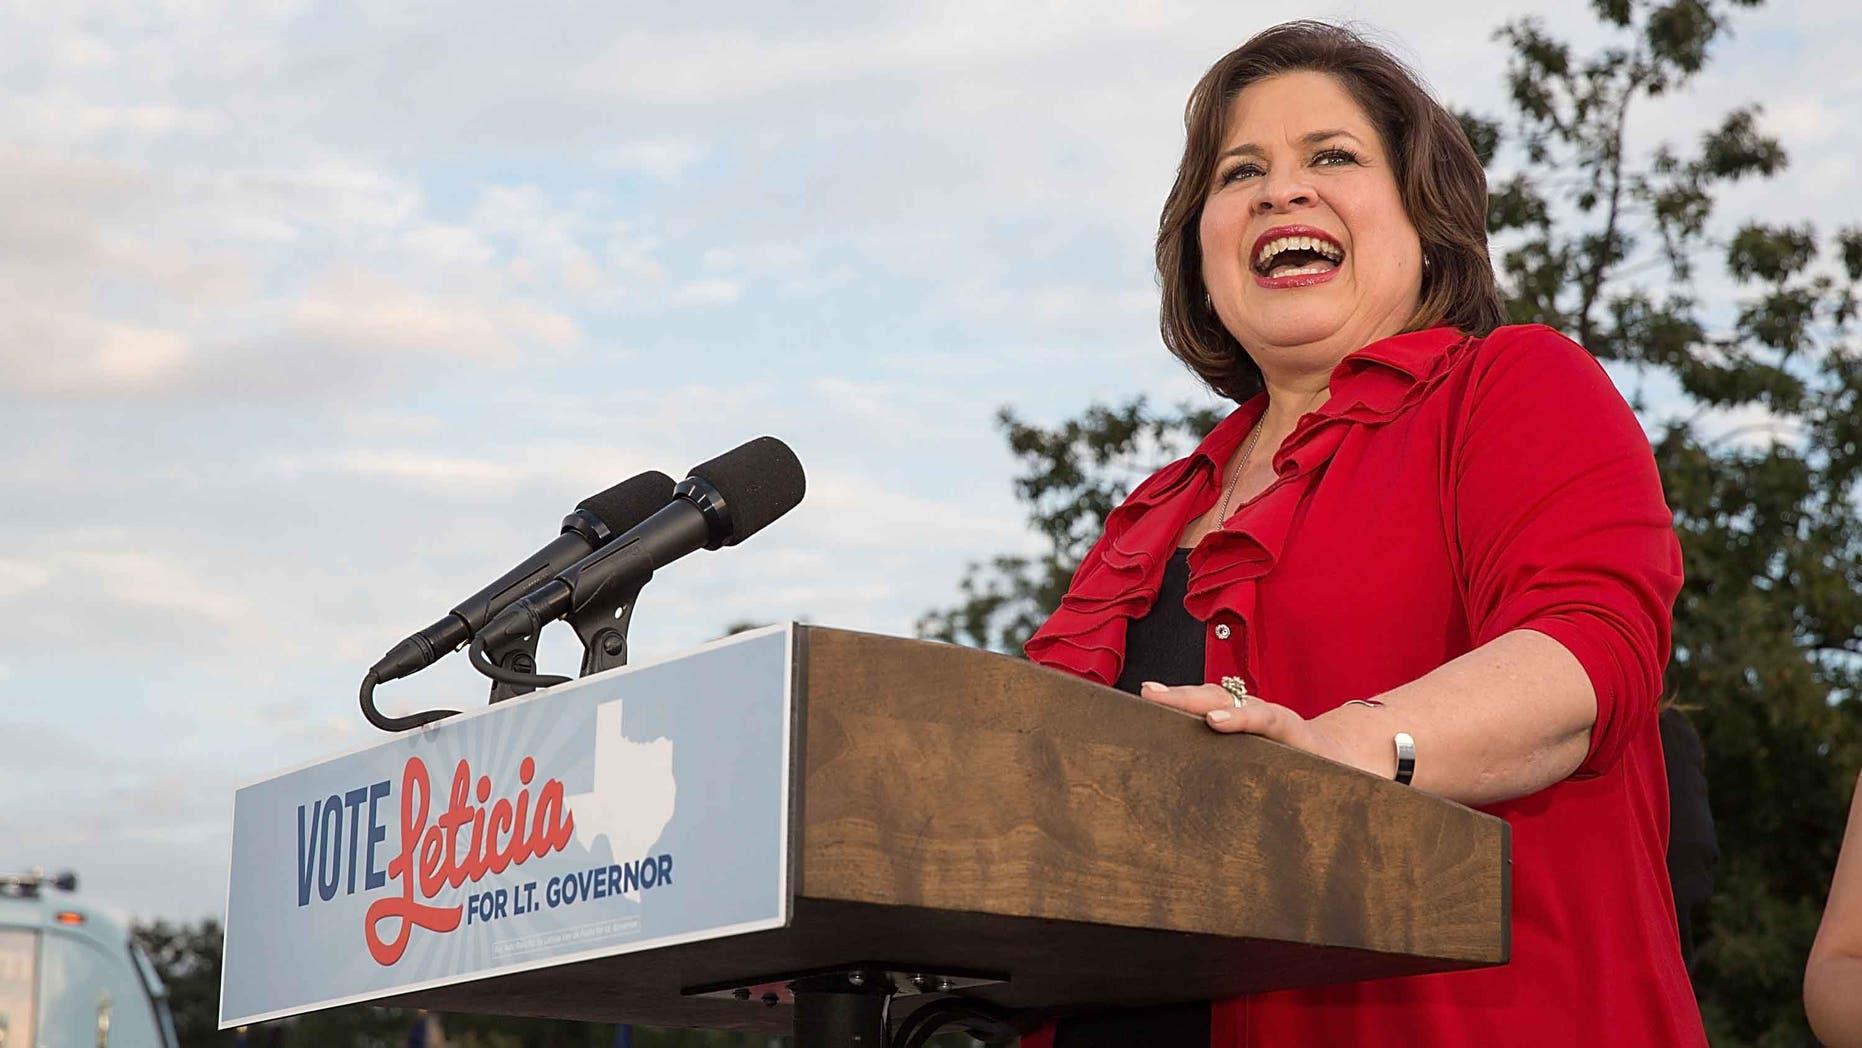 State Senator Leticia van de Putte on October 22, 2014 in San Antonio, Texas.